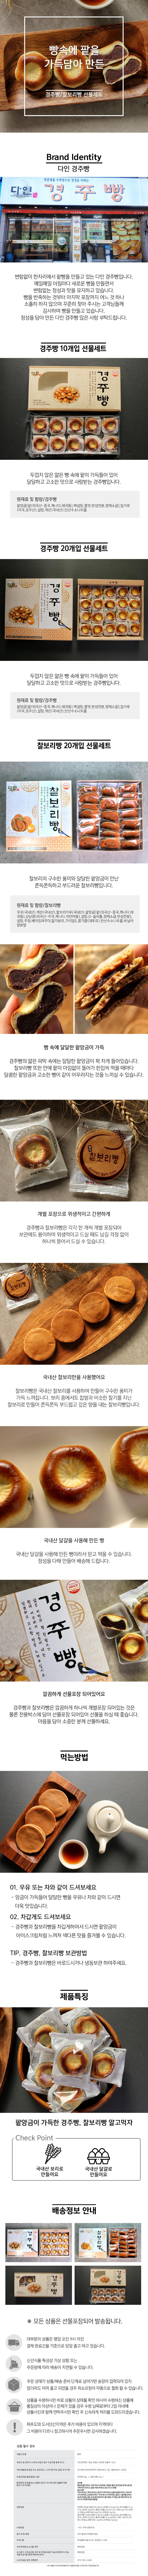 팥이 가득찬 경주빵/찰보리빵/꿀빵 선물세트! - 테이스티푸드, 10,900원, 쿠키/케익/빵, 빵